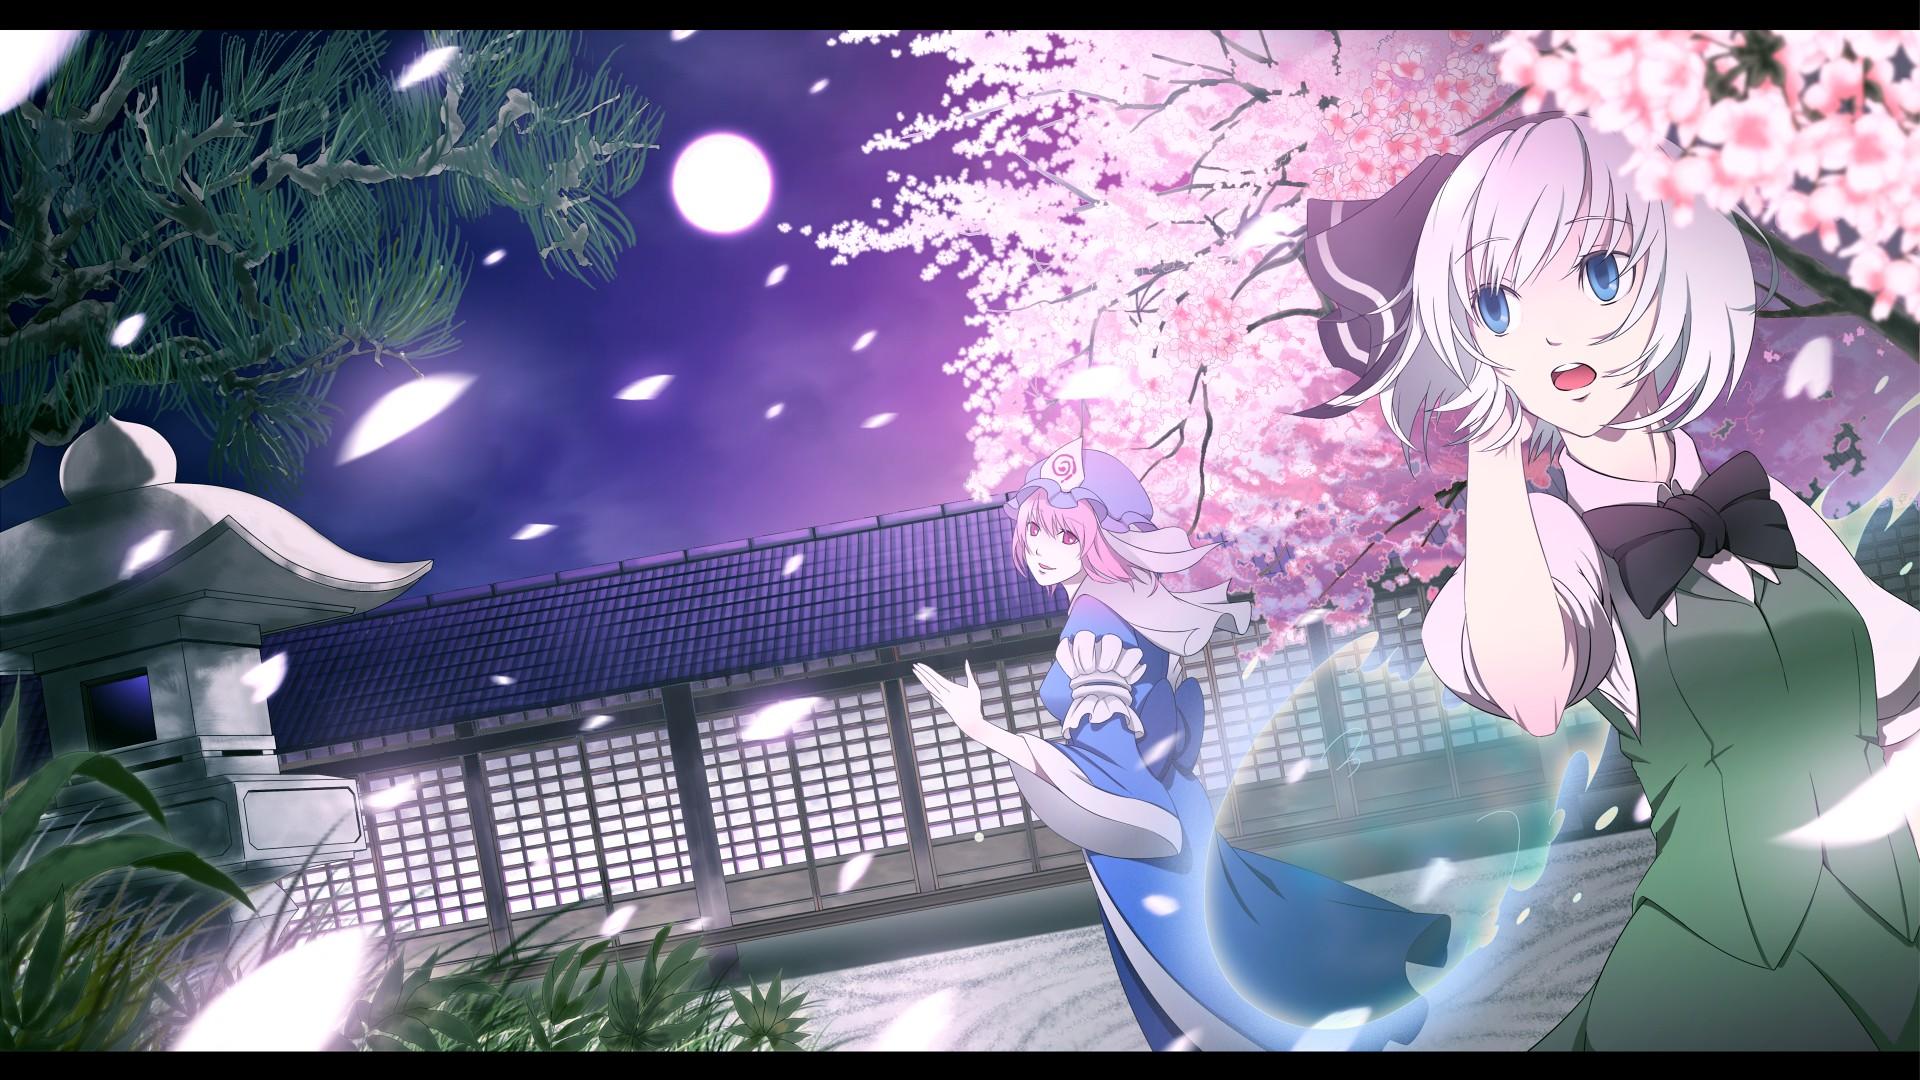 Touhou / Youmu & Yuyuko by Torizousui